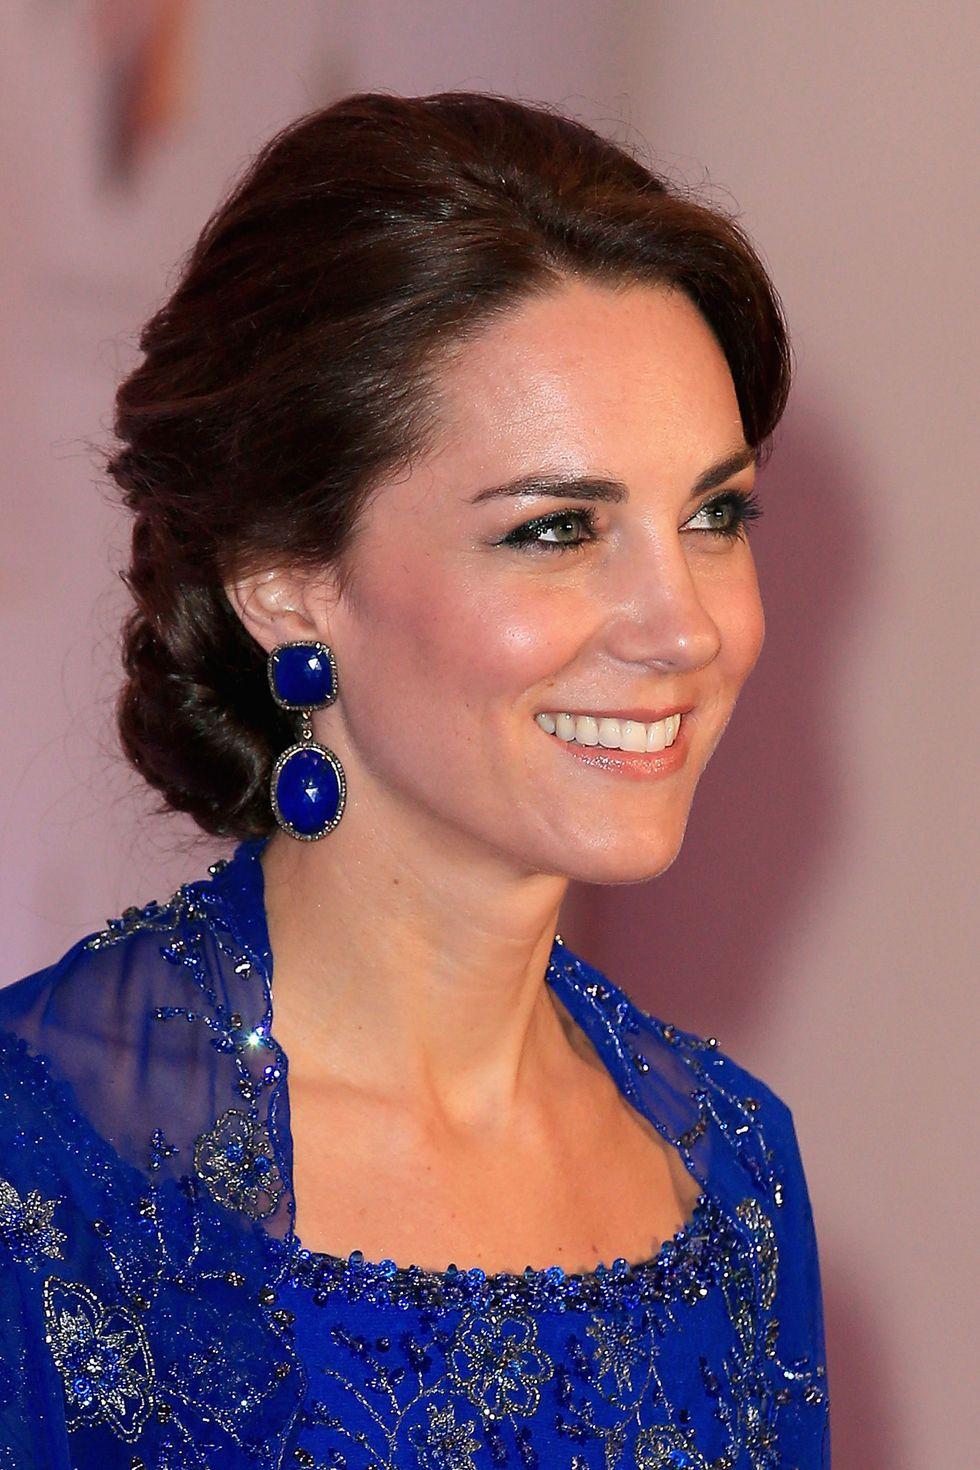 كيت ميديلتون منسقة  أقراط من الكوبالت الأزرق مع فستان باللون الأزرق الملكي في الهند